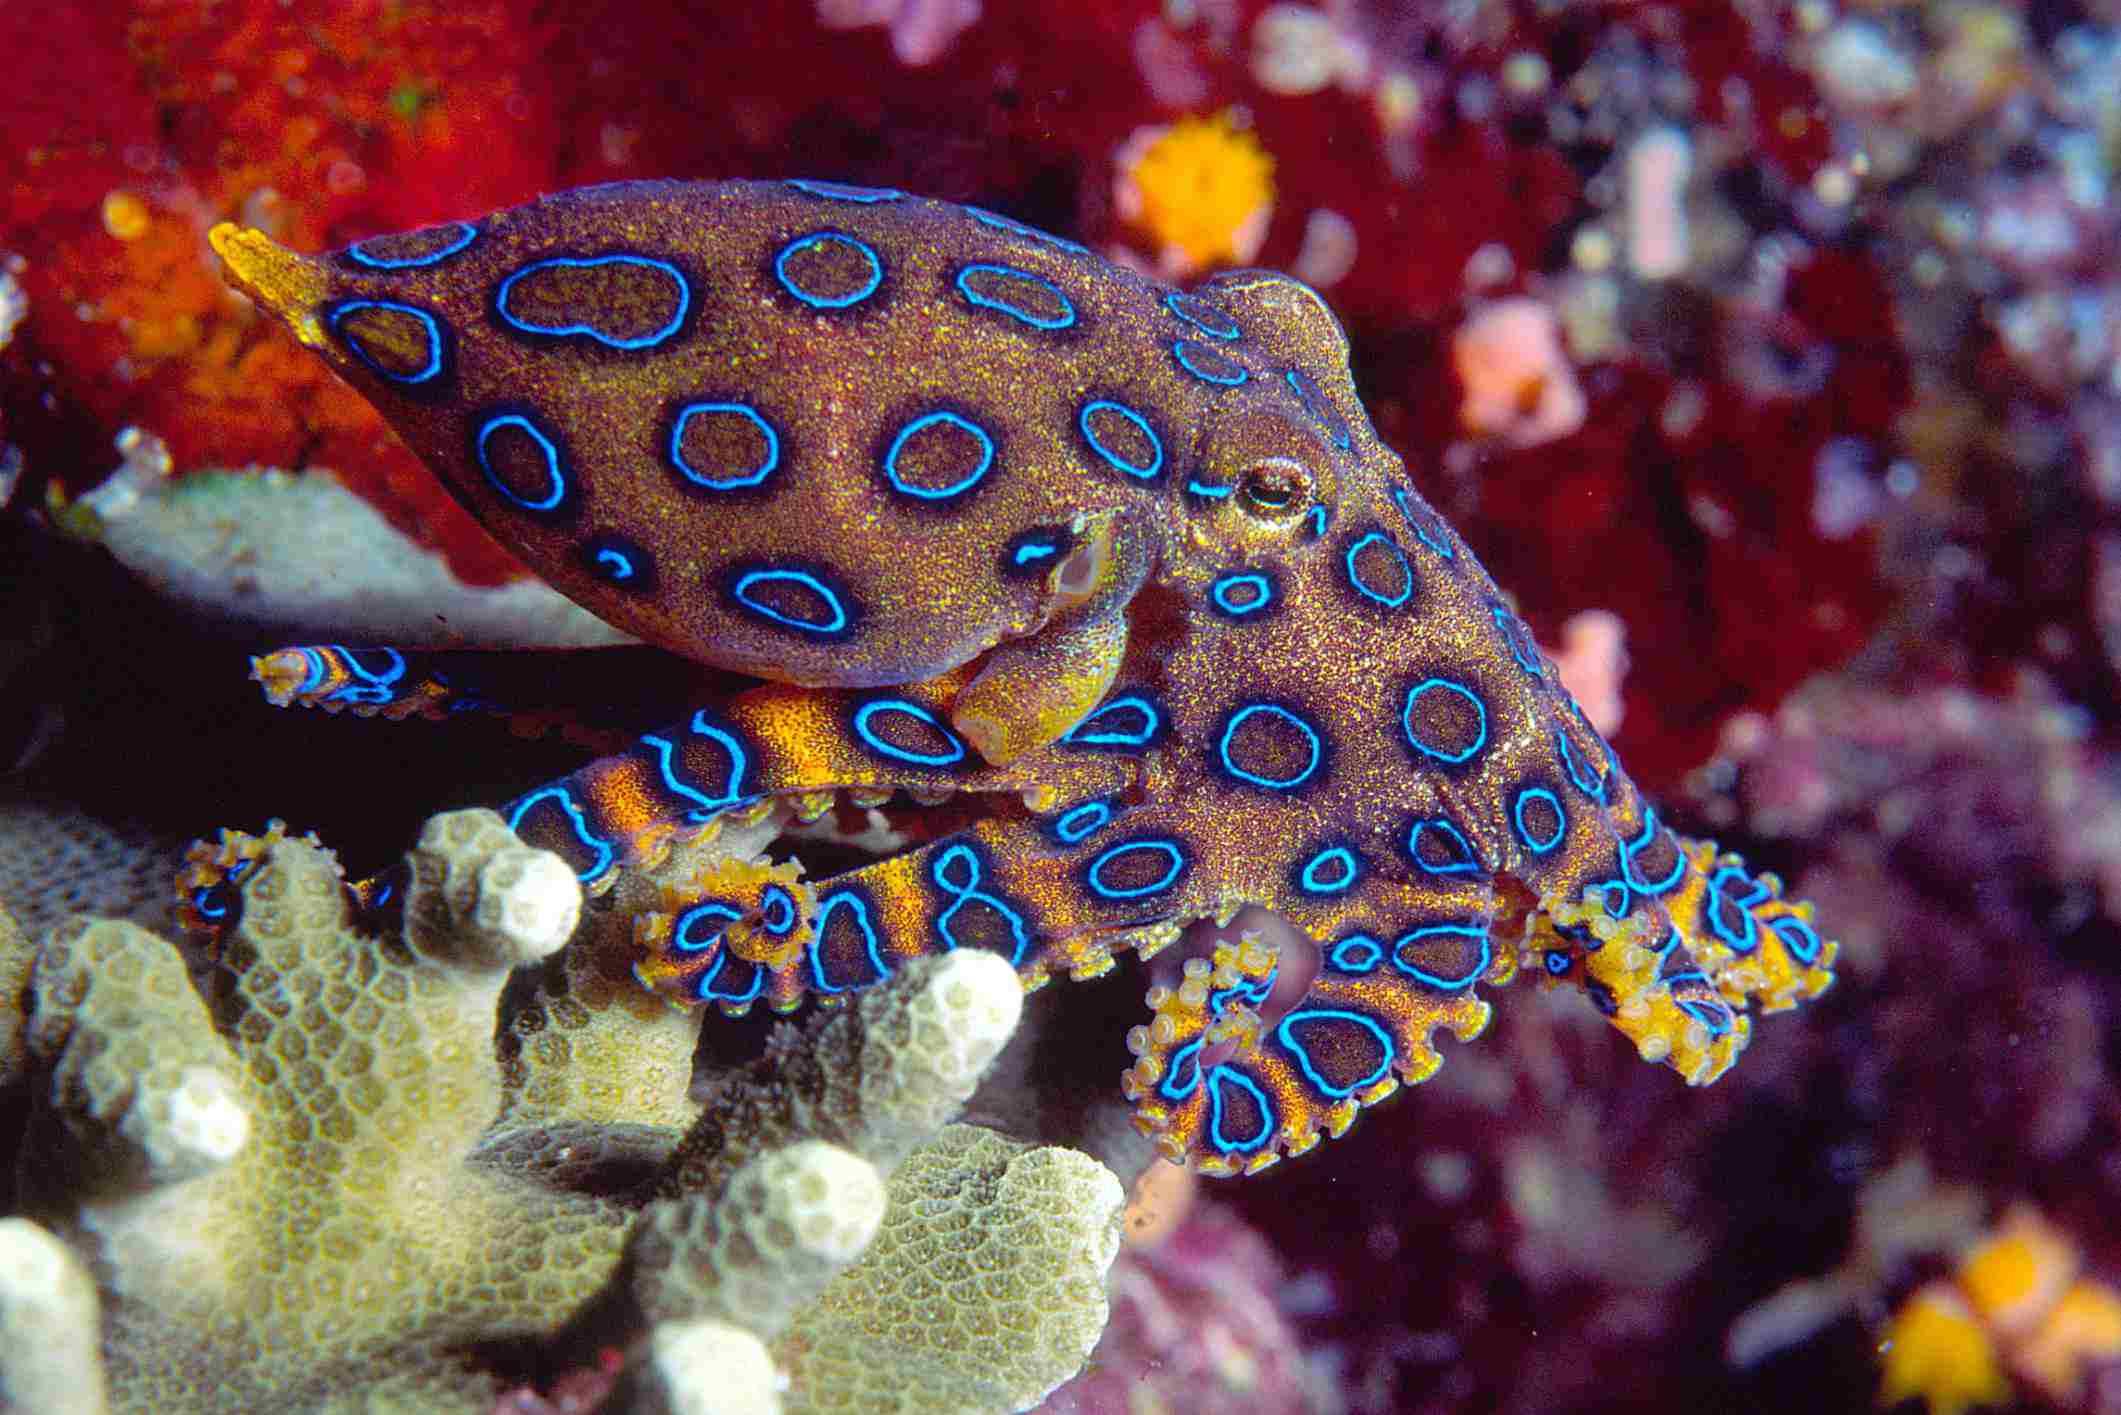 Blue Ringed Octopus / Richard merritt FRPS / Moment / Getty Images